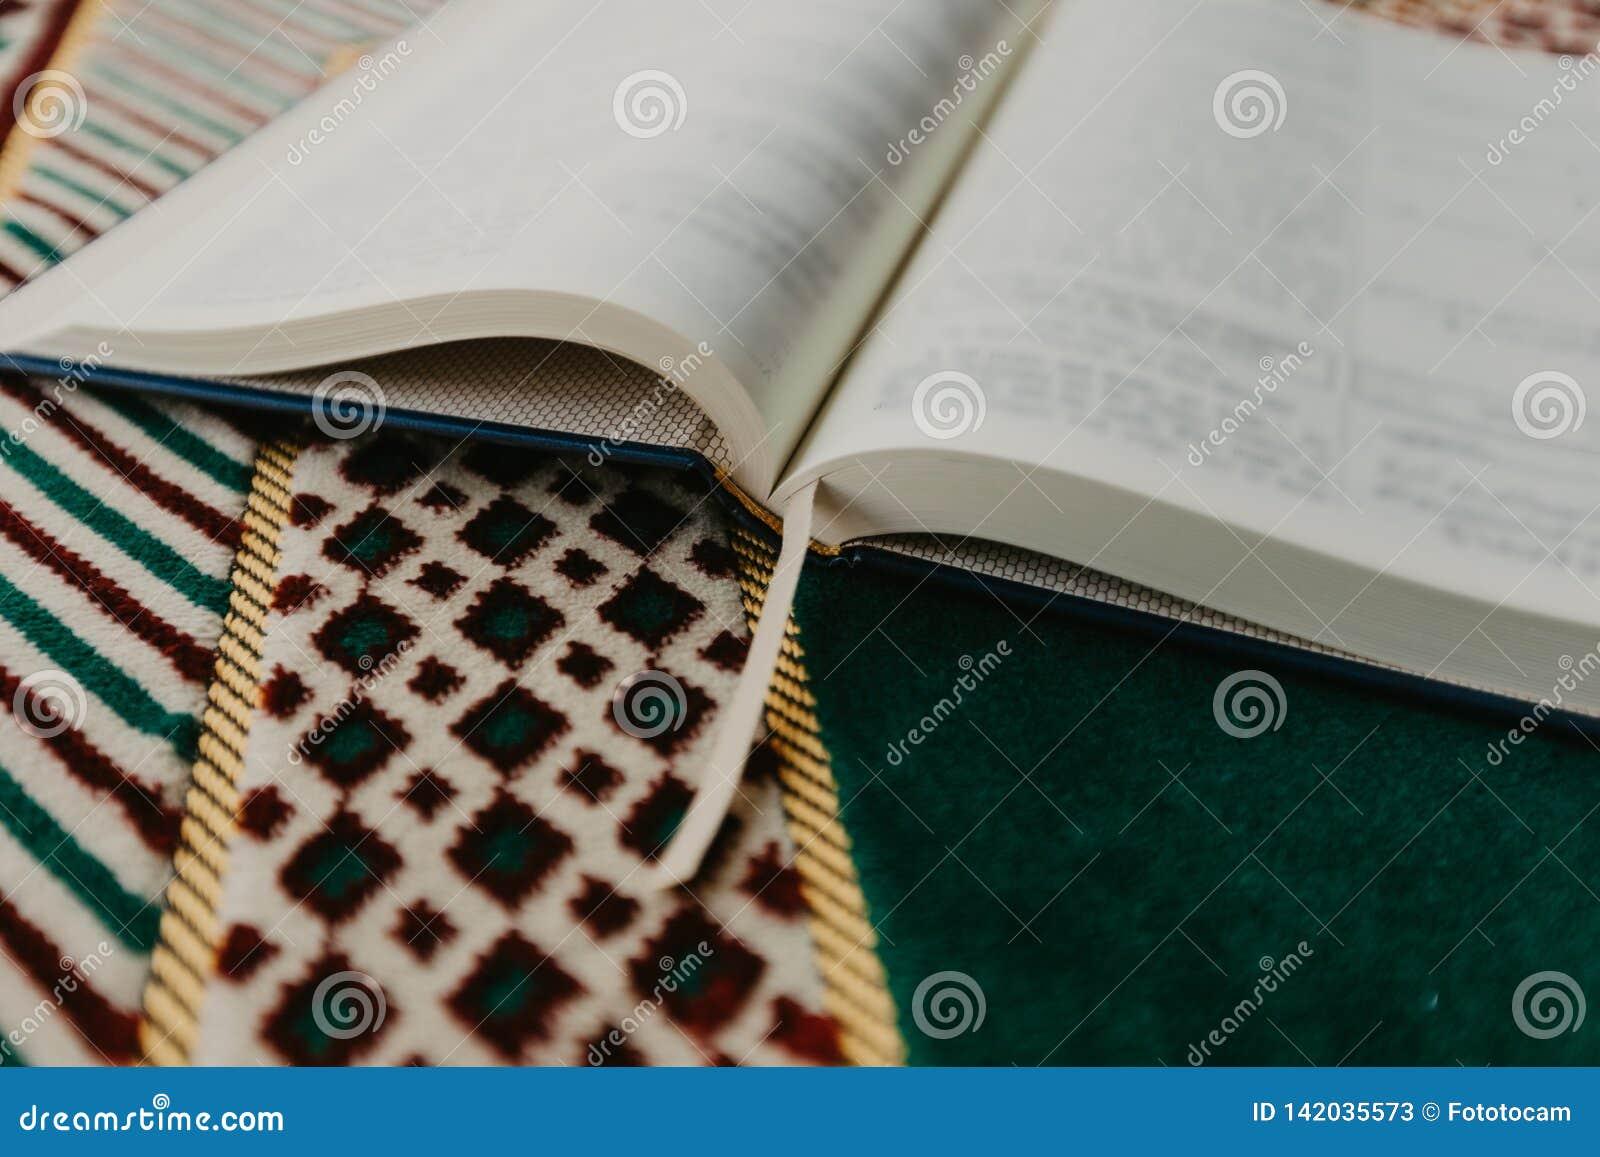 Concepto islámico - el Quran santo en una rogación mate - imagen